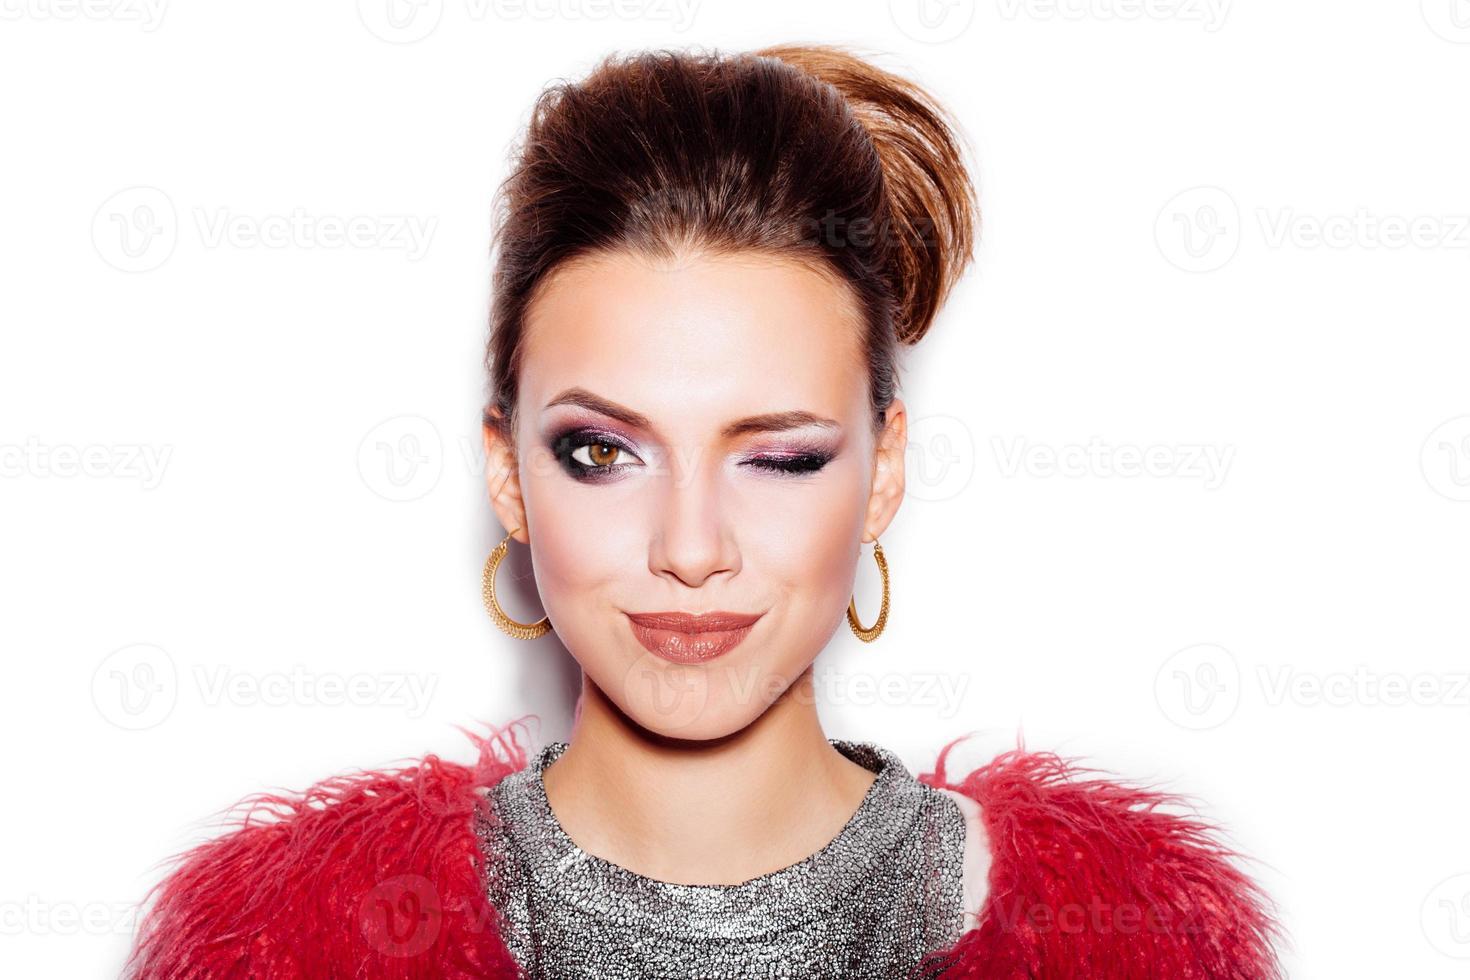 ritratto di donna di moda bellezza. taglio di capelli e trucco alla moda foto